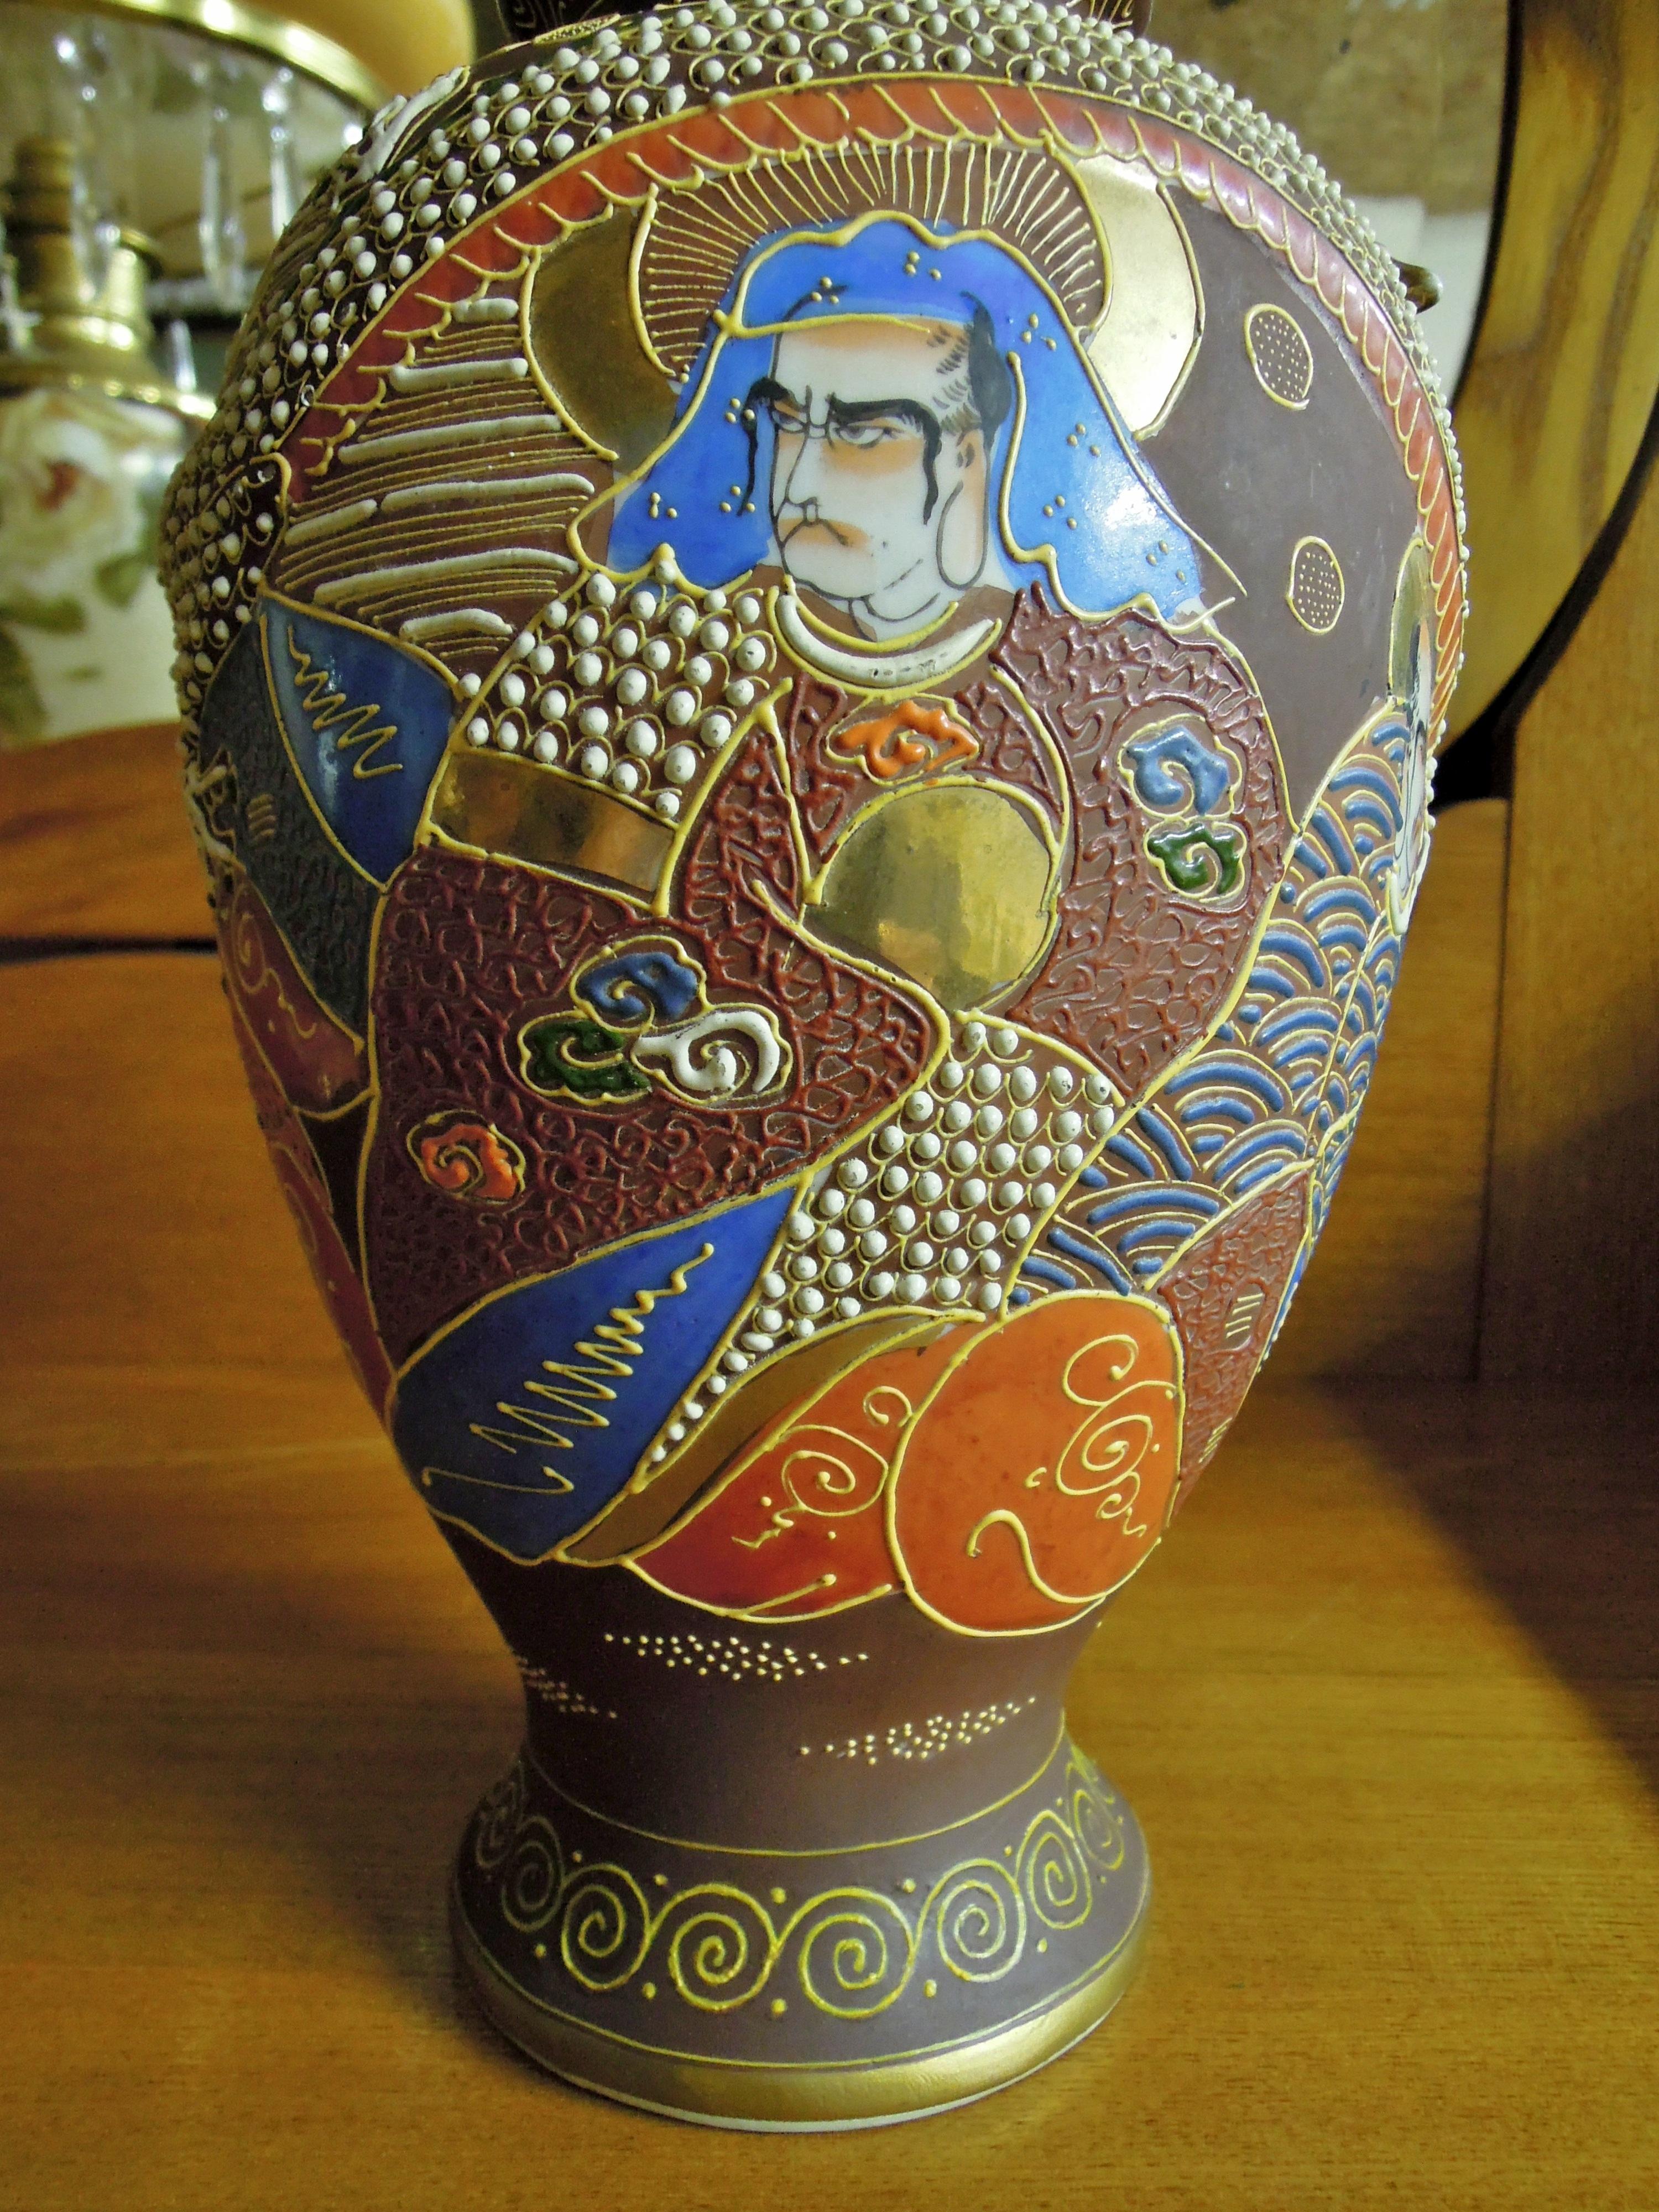 Satsuma vase markings images japanese satsuma vase markings reviewsmspy